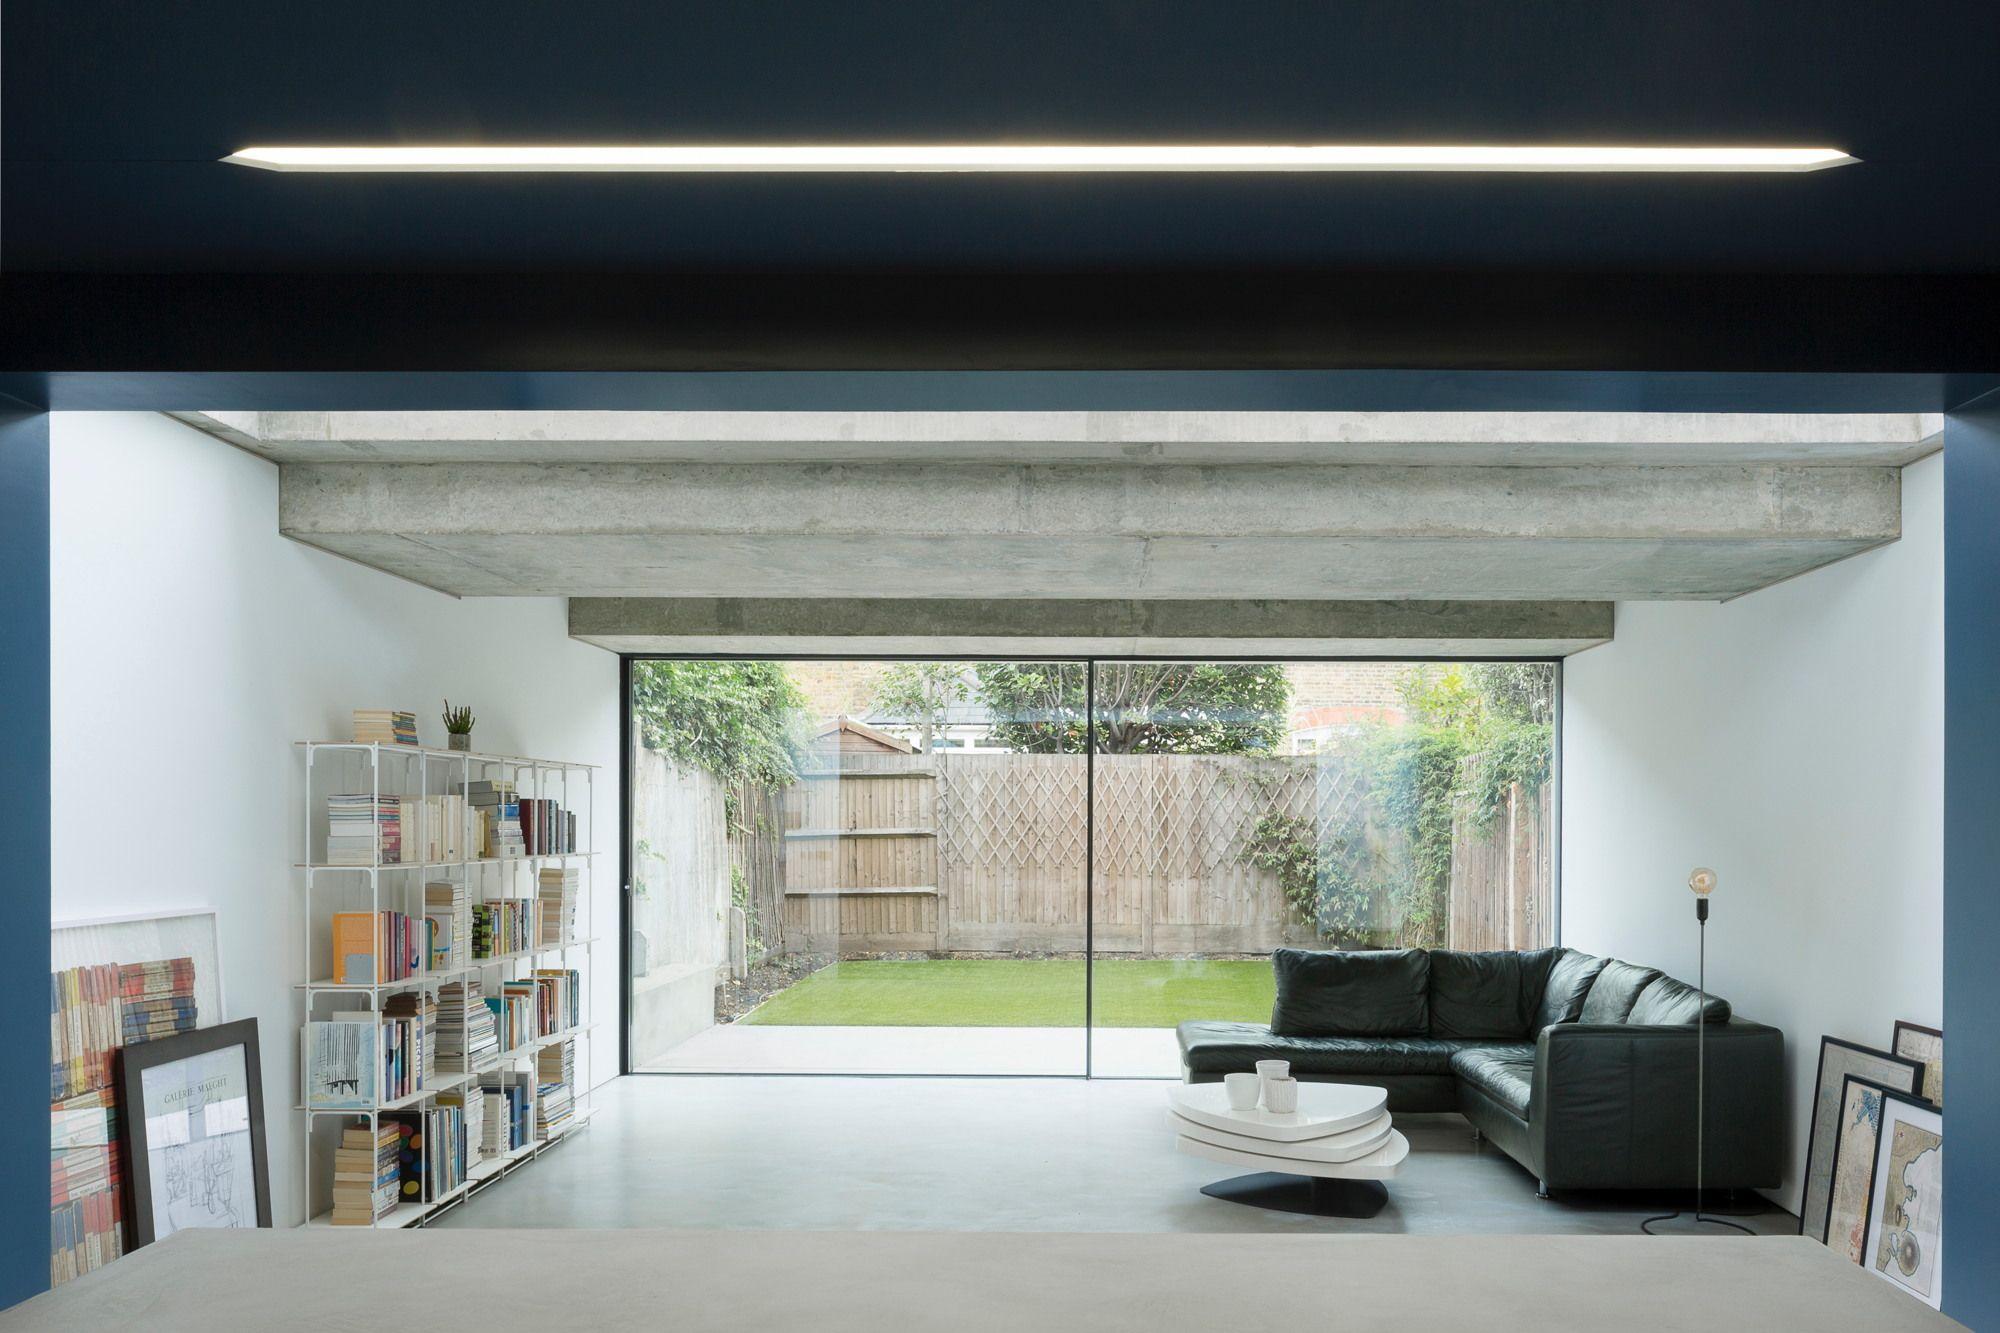 Einzigartig Holzelemente Garten Design-ideen - Terrasse Design-Ideen